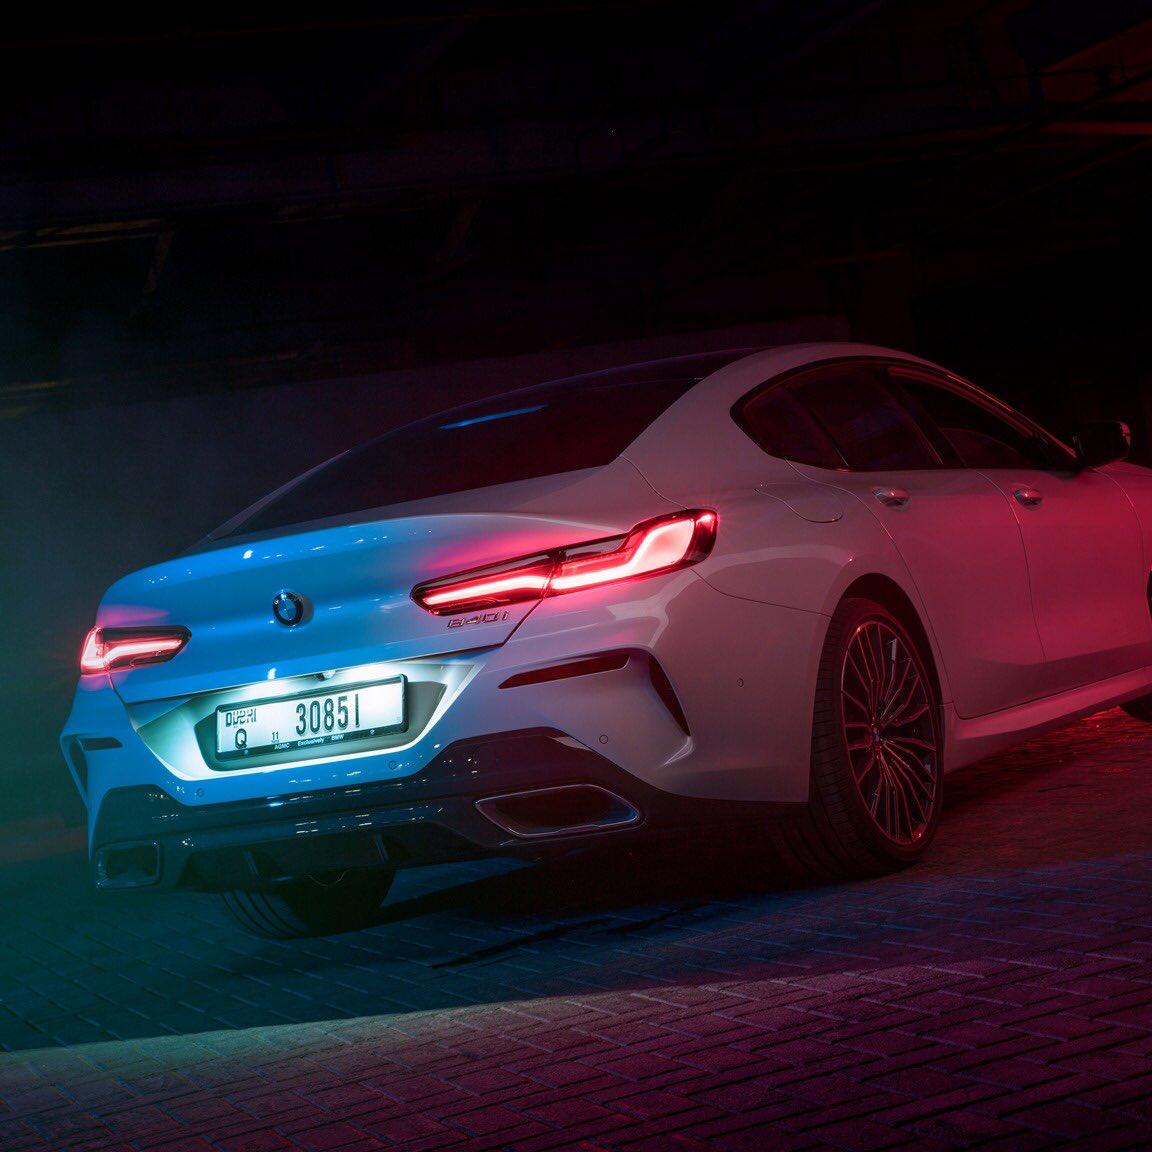 حوّل كل منعطف إلى حلبة سباق. الفئة الثامنة غران كوبيه.  #BMW8Series #BMWAGMC https://t.co/f104oNNaek